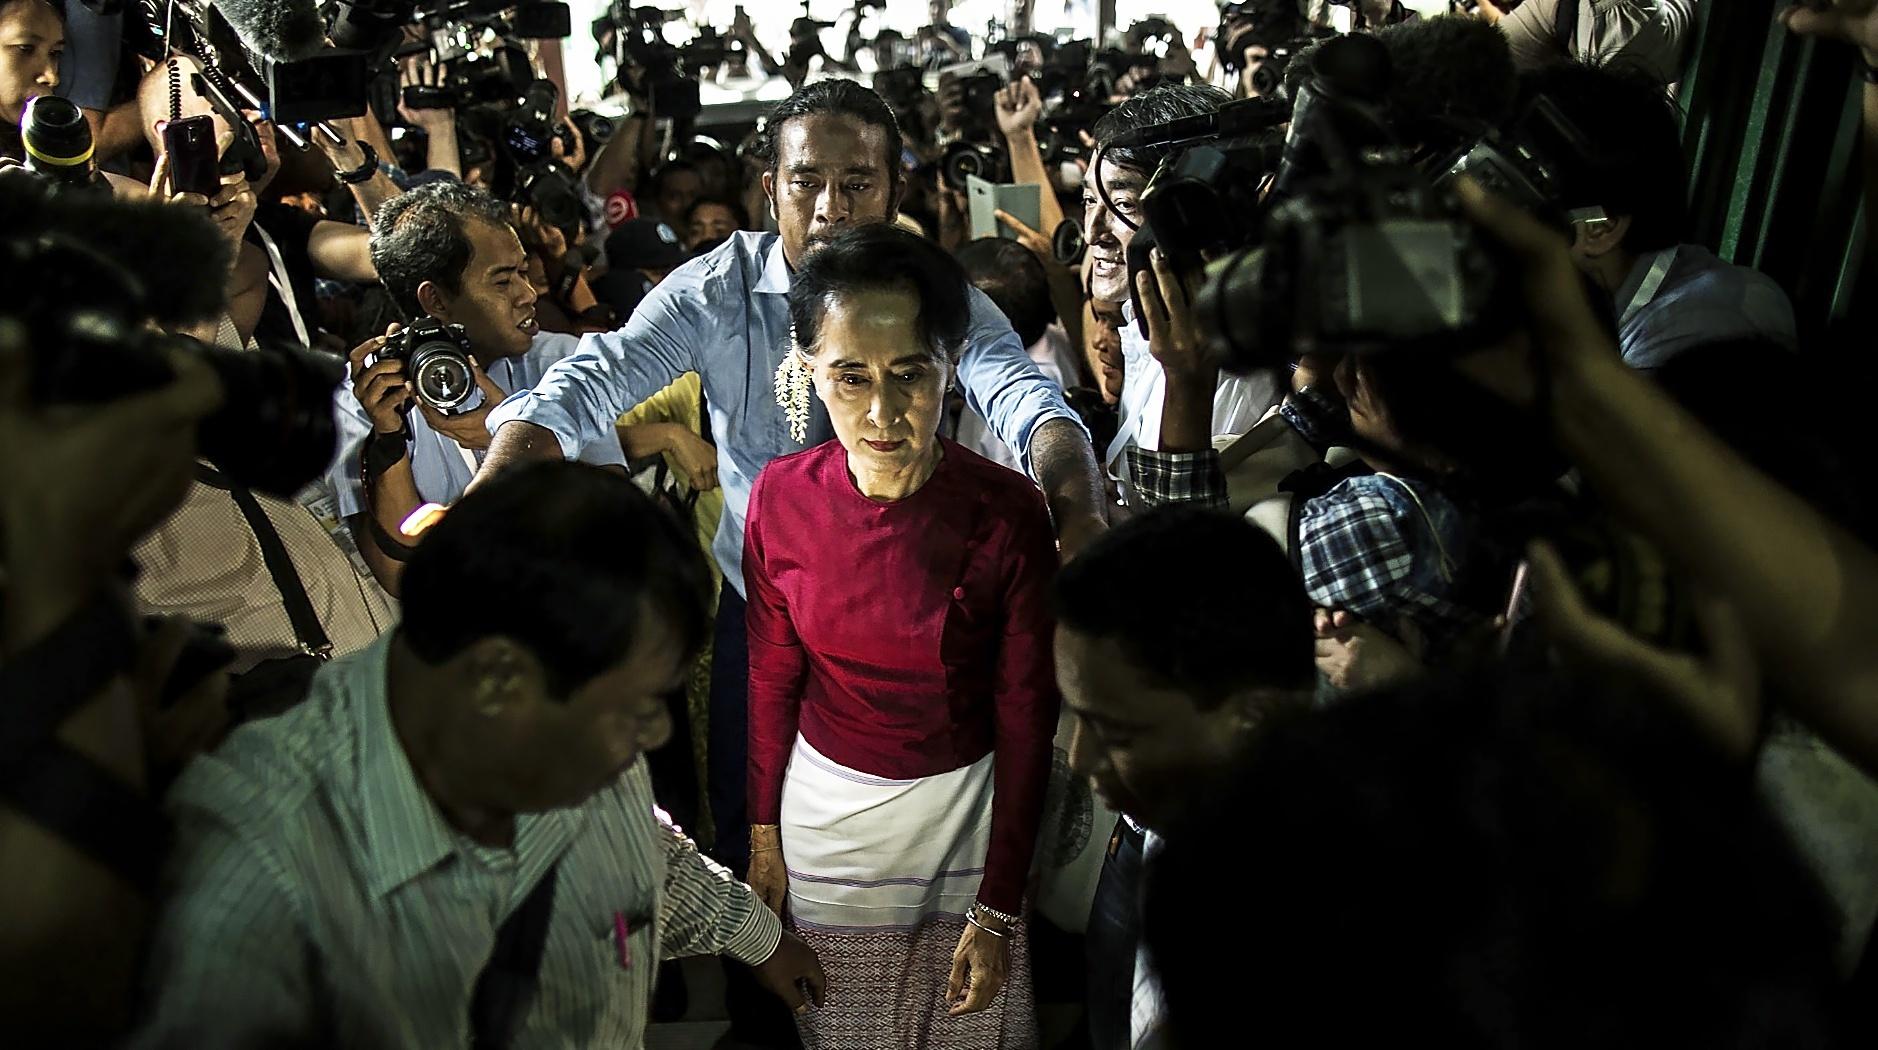 La Consejera de Estado birmana, dirigente de facto del país y premio Nobel de la paz, Aung San Suu Kyi.